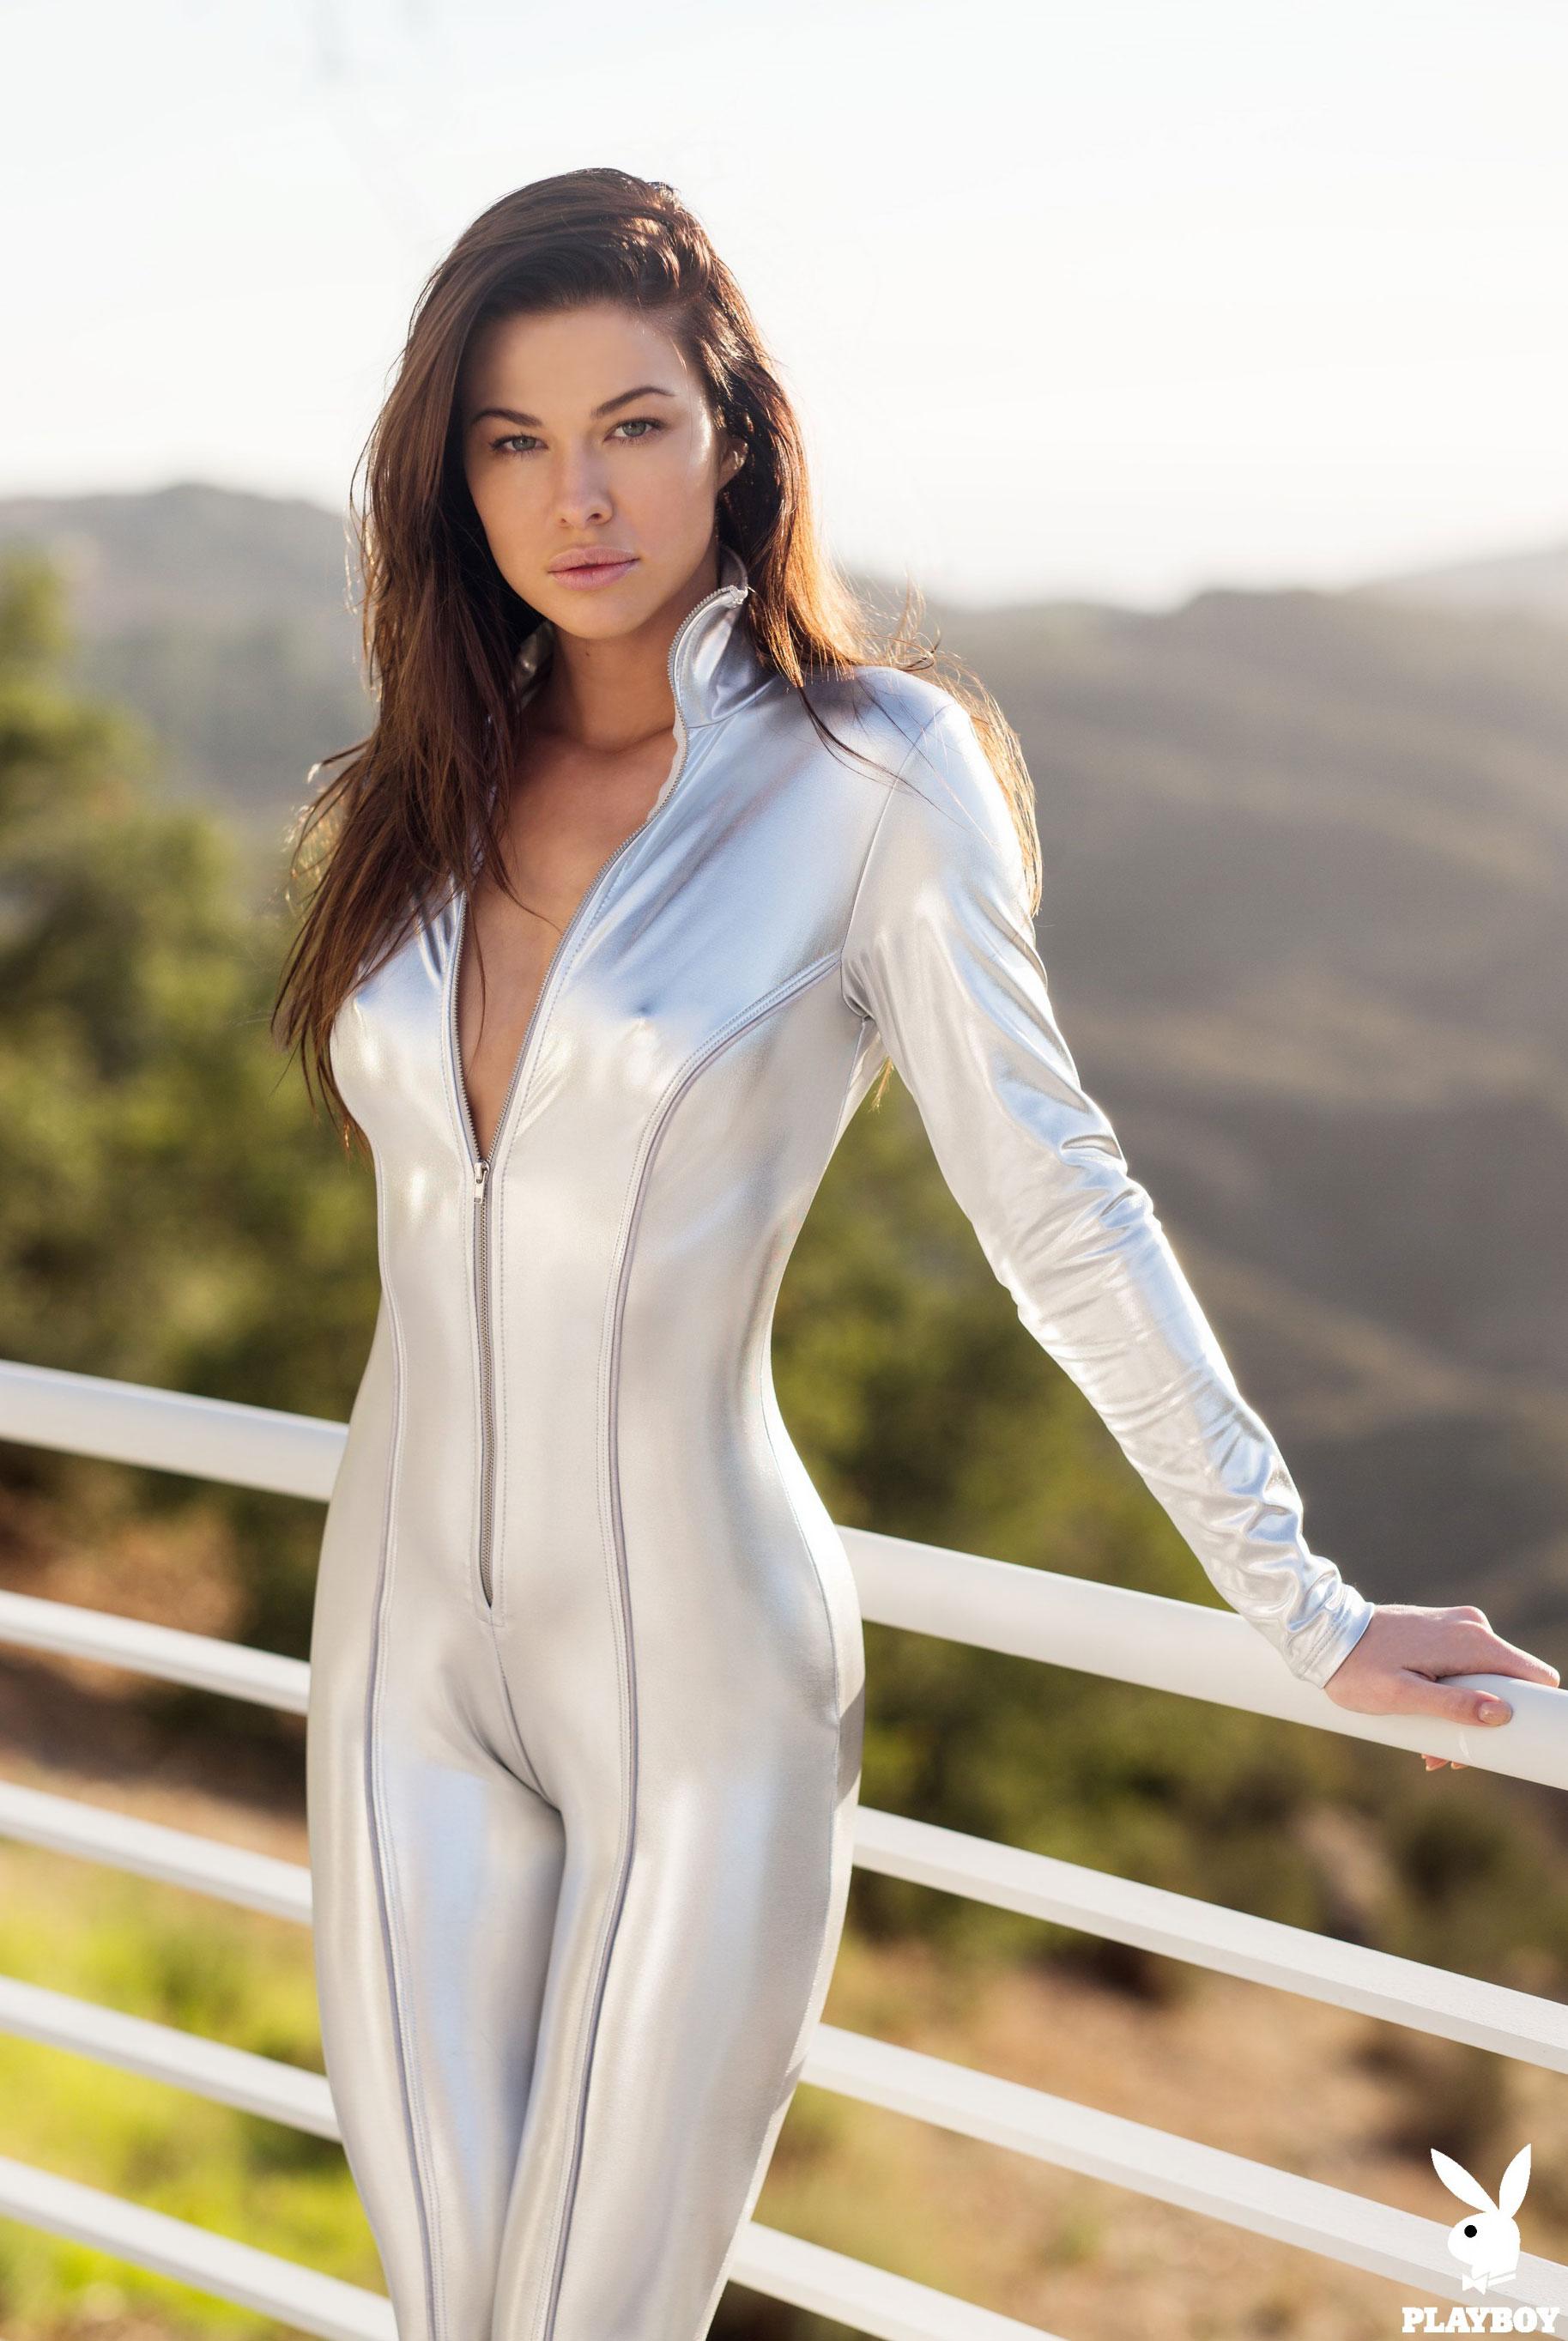 Девушка месяца Jenny Watwood / Playboy США, март 2018 / фото 09